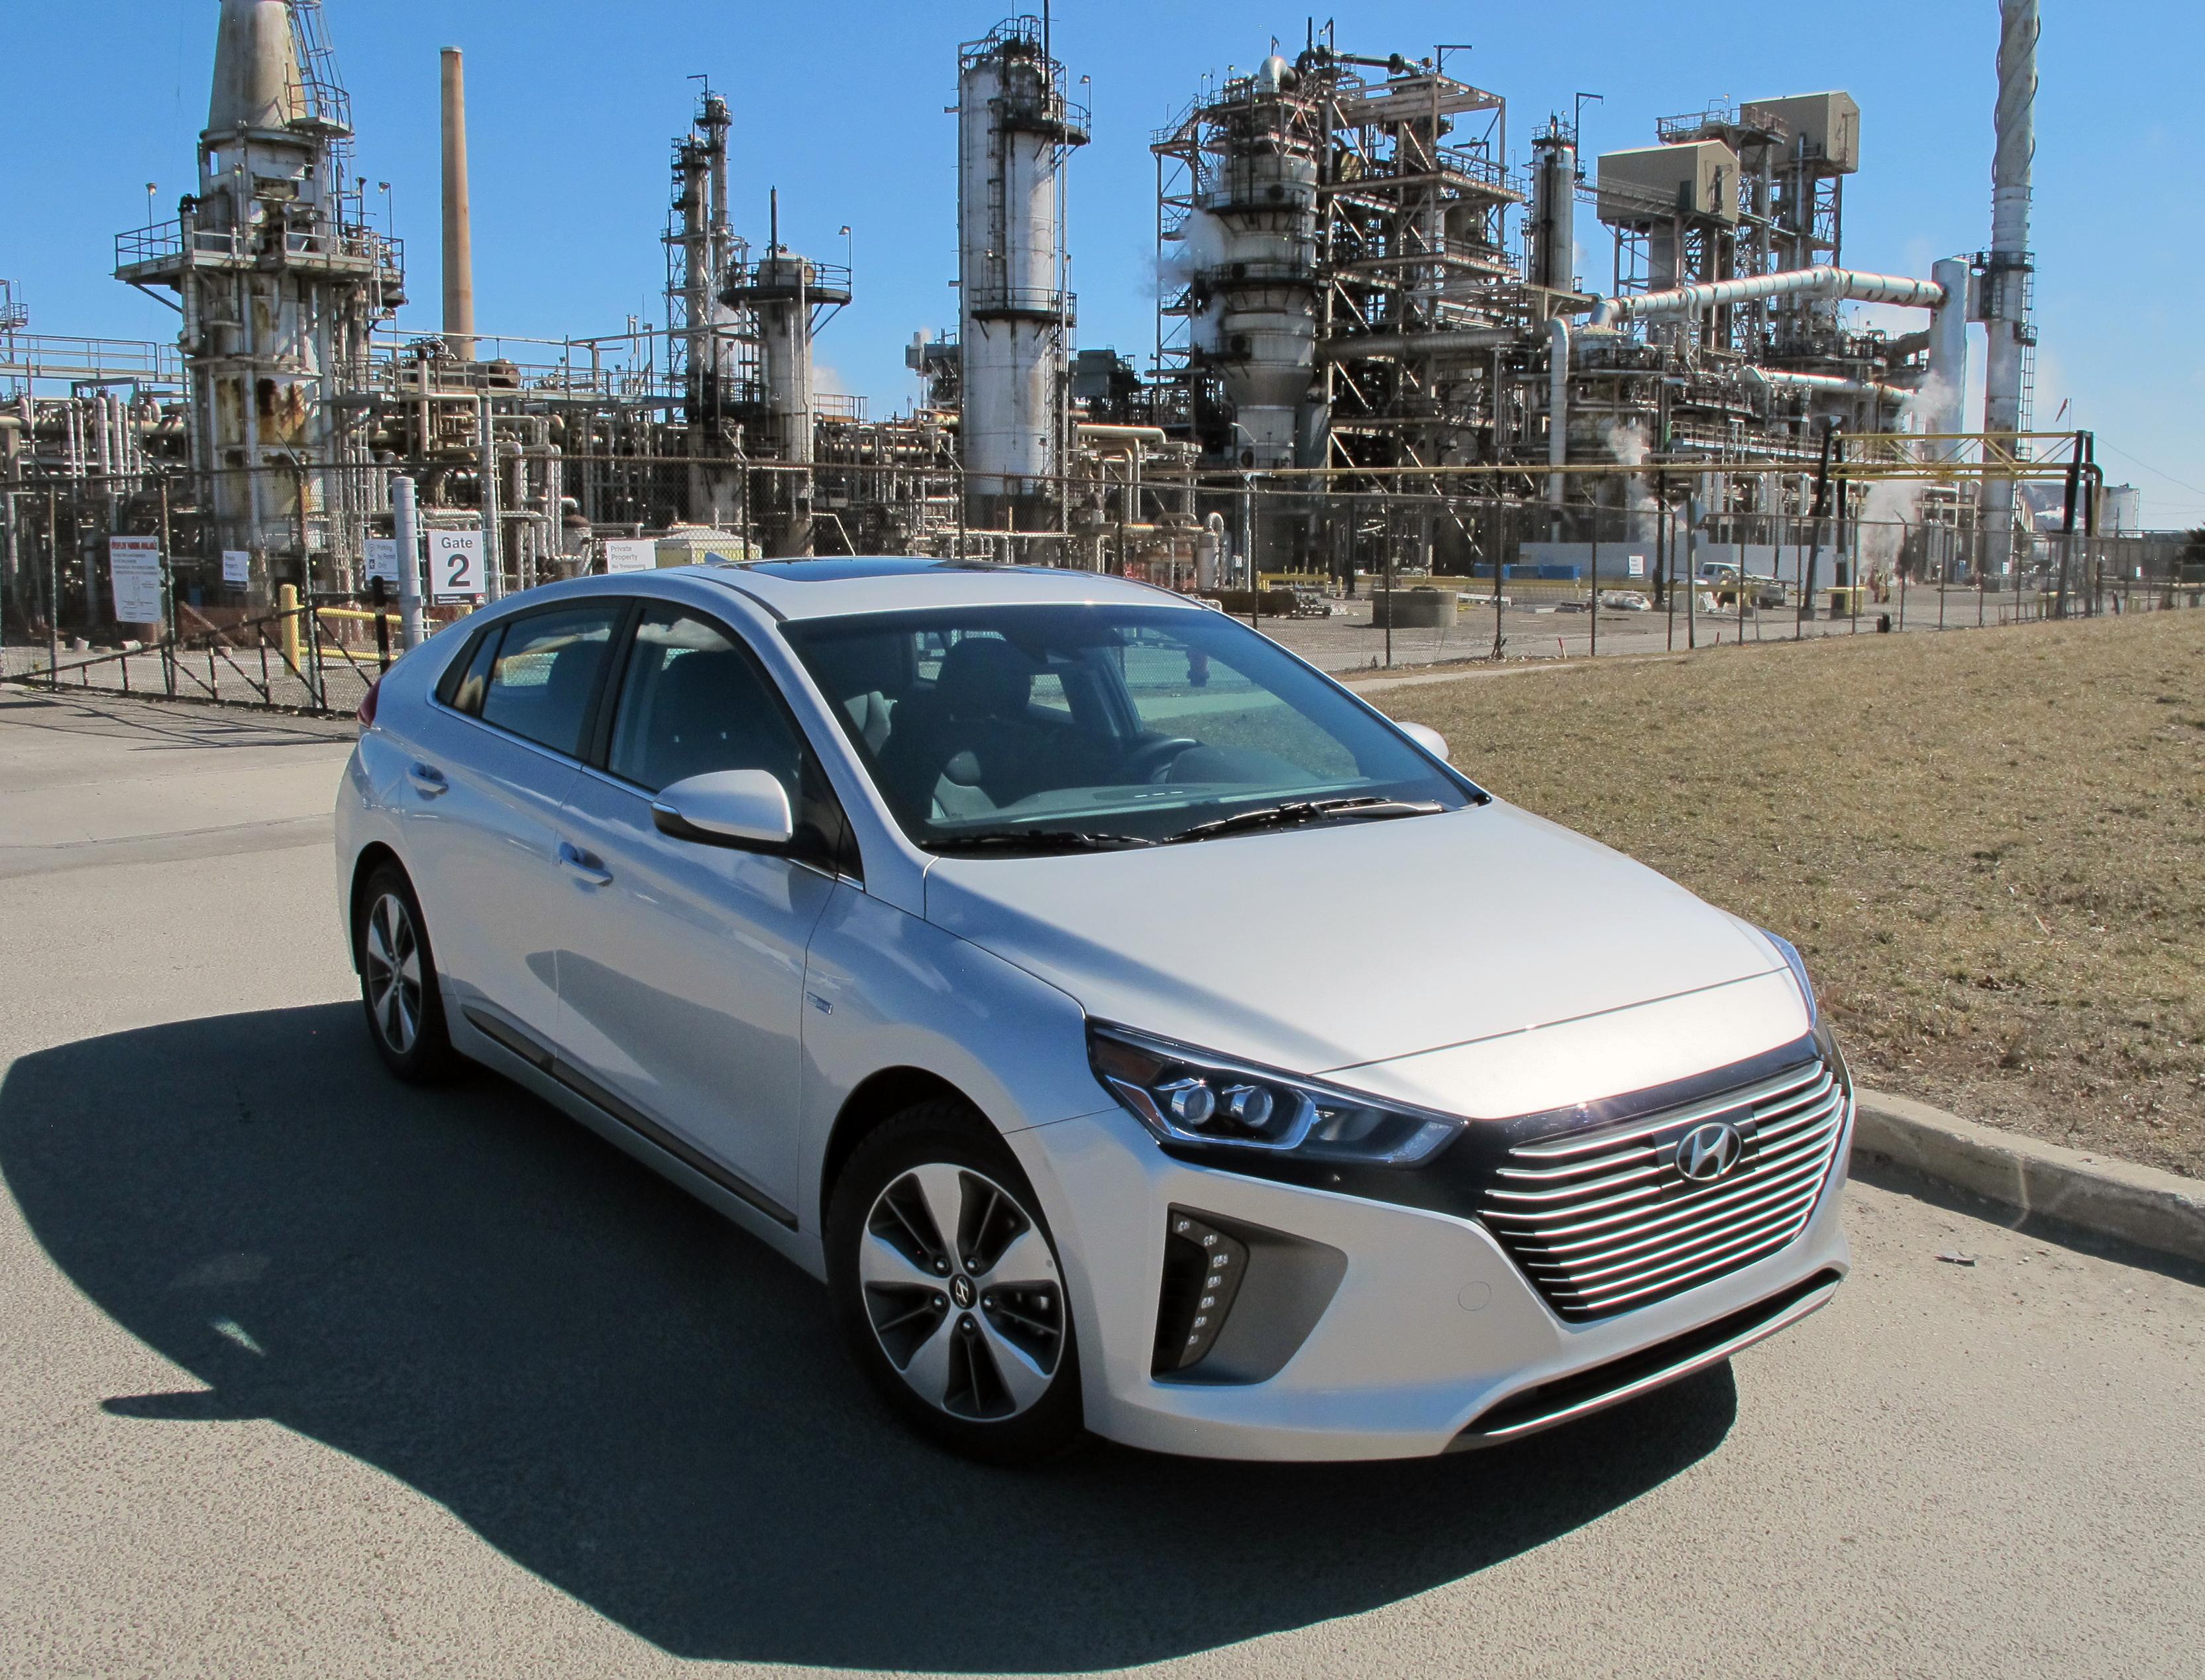 2018 Hyundai Ioniq Limited PHEV review